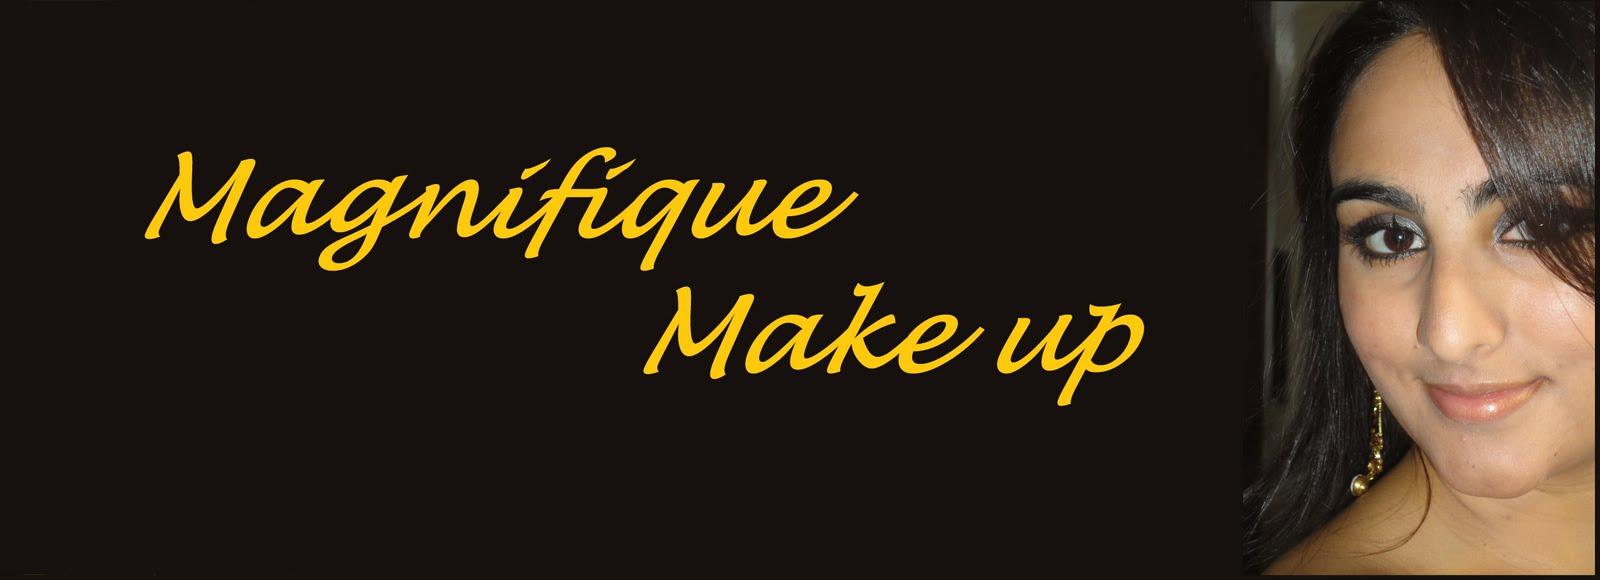 Magnifique Make Up